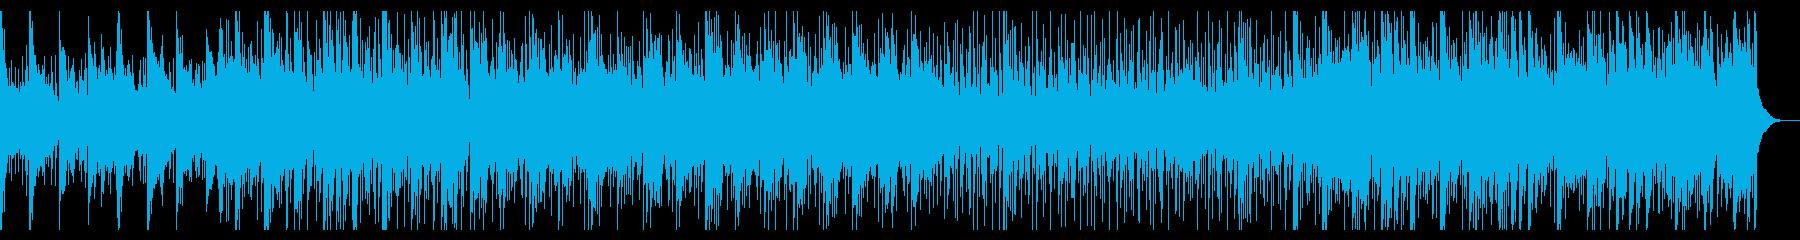 ほのぼのした雰囲気のポップス調曲の再生済みの波形